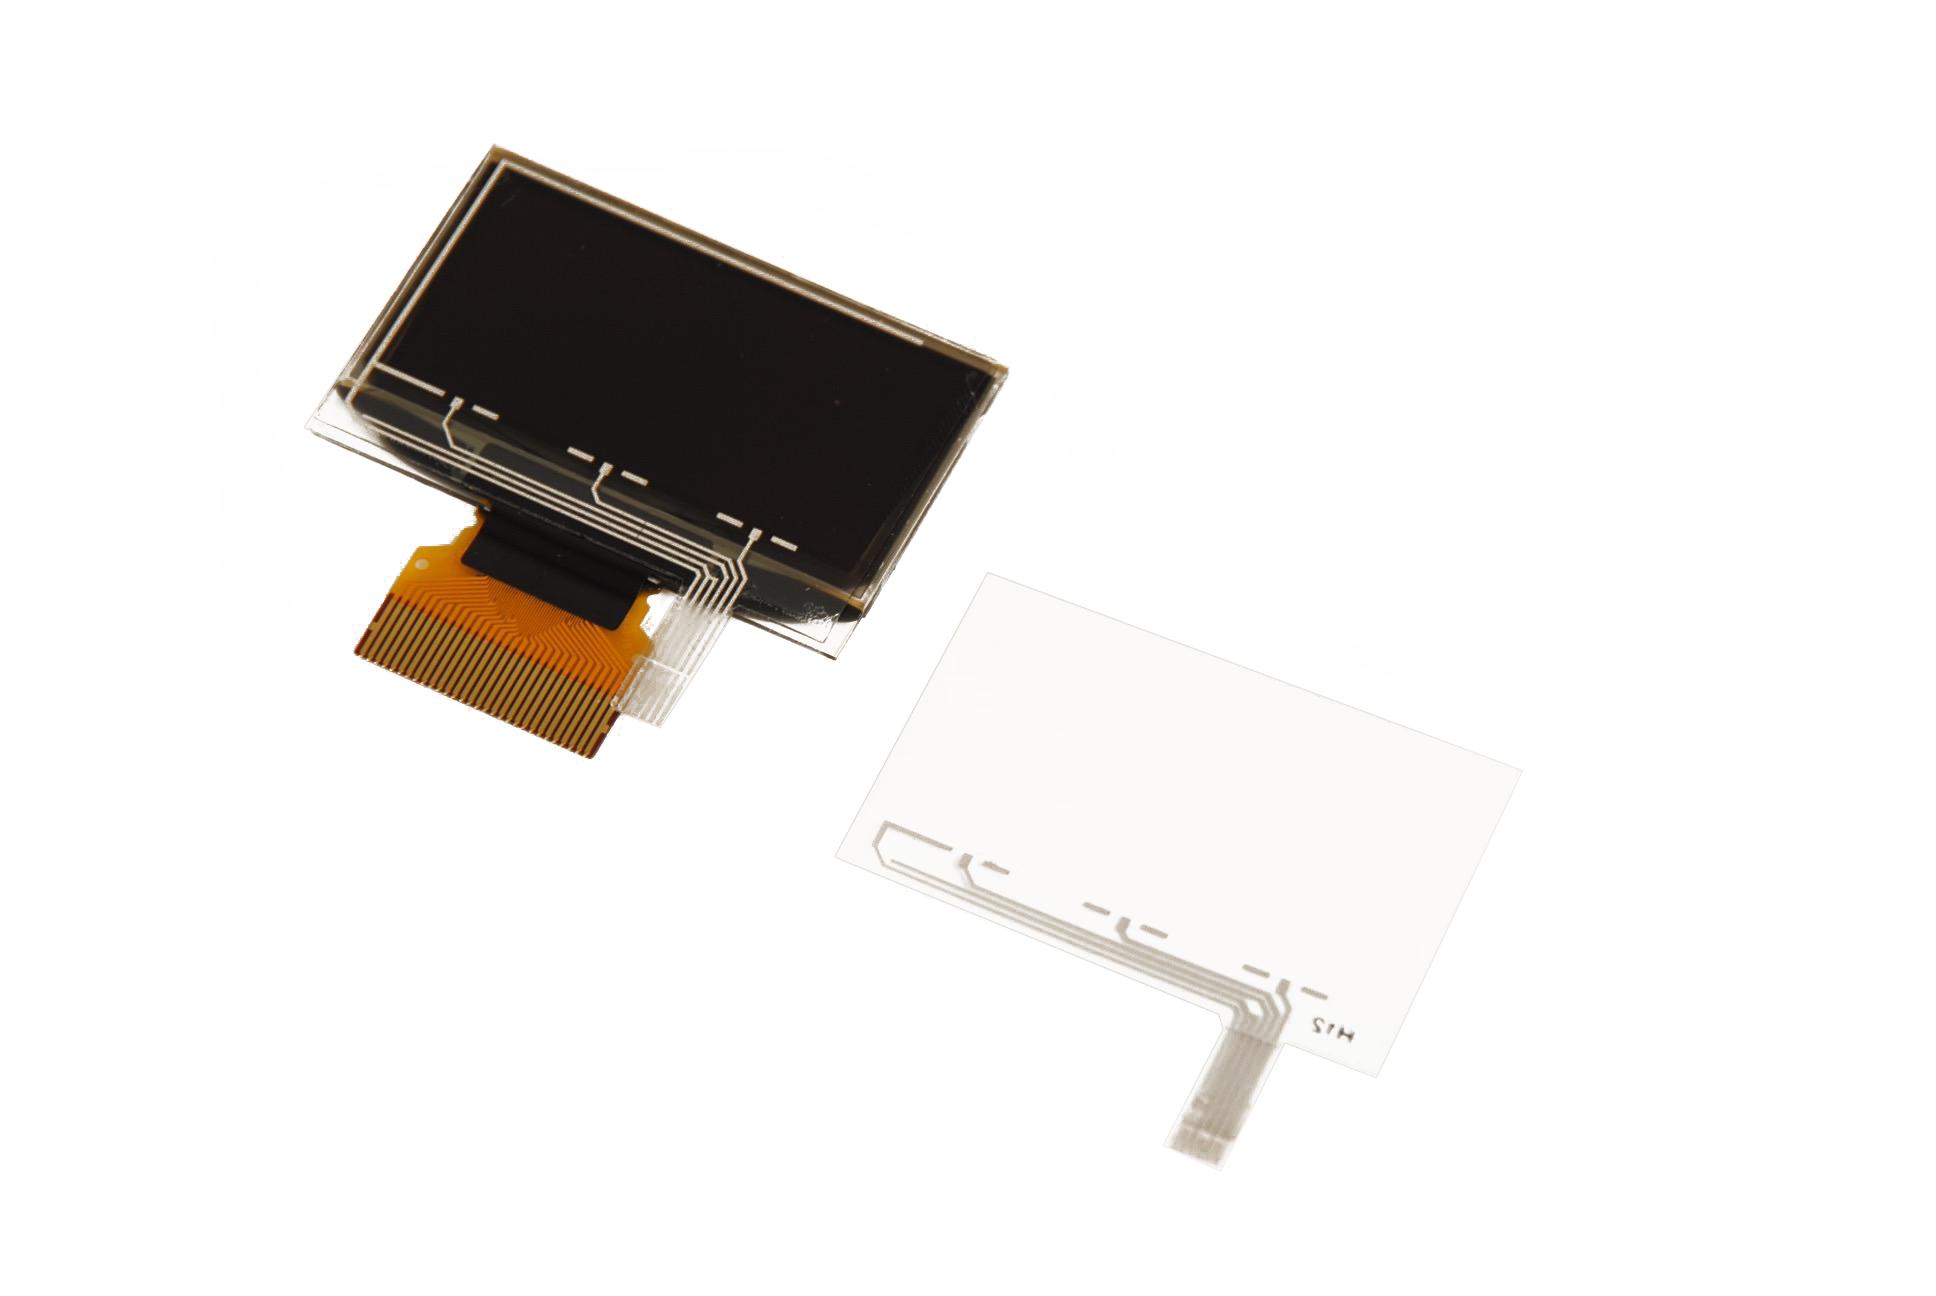 Xymox-SmartWatch PCAP